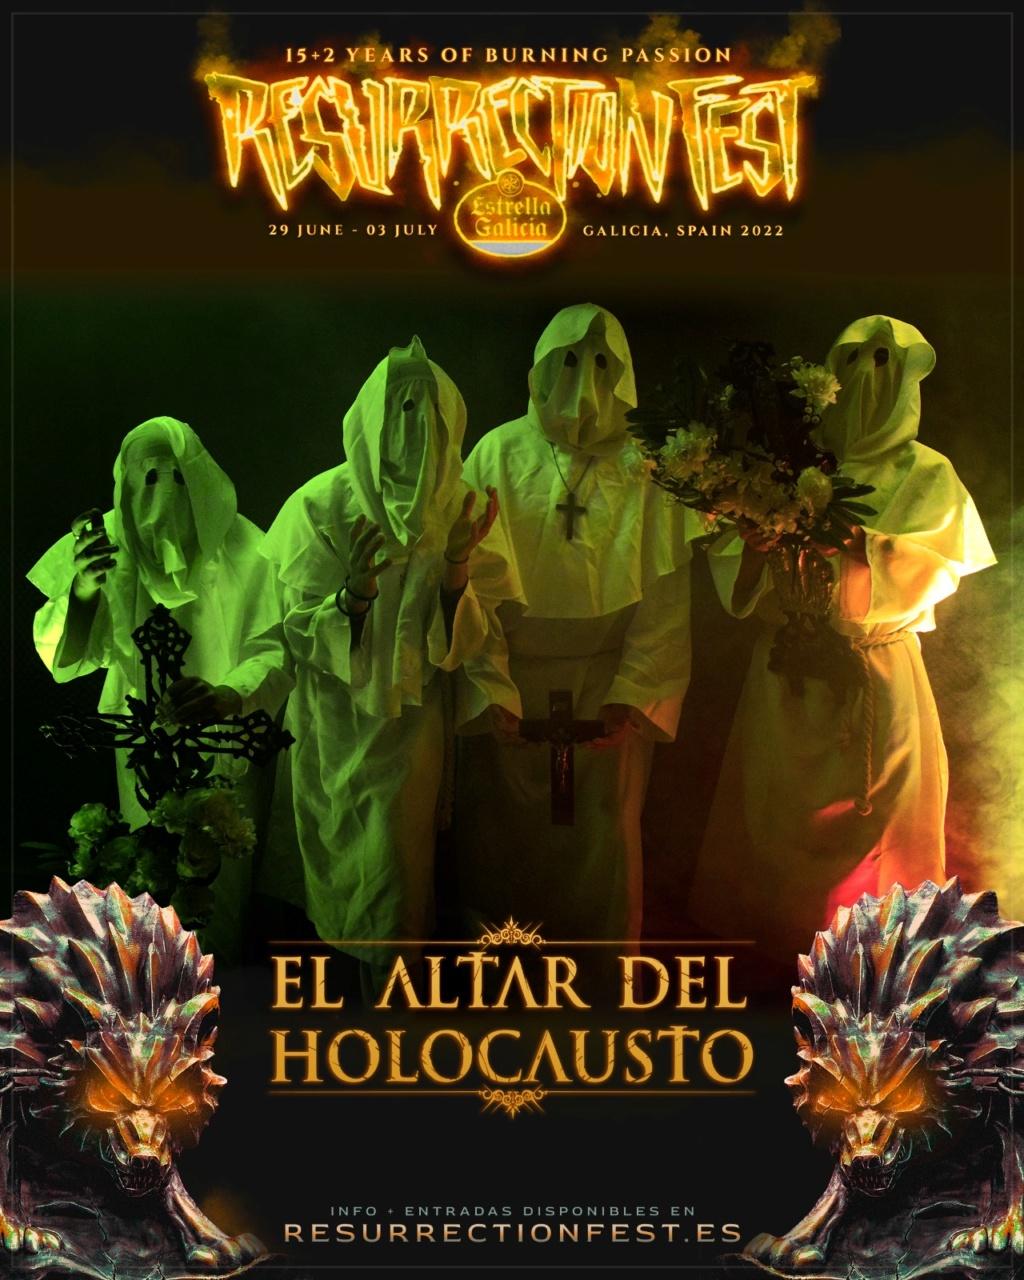 El Altar Del Holocausto: ¡¡¡✞ T R I N I DAD -  1 de Octubre BARCELONA - Razz3   !!!!! - Página 16 Resu10